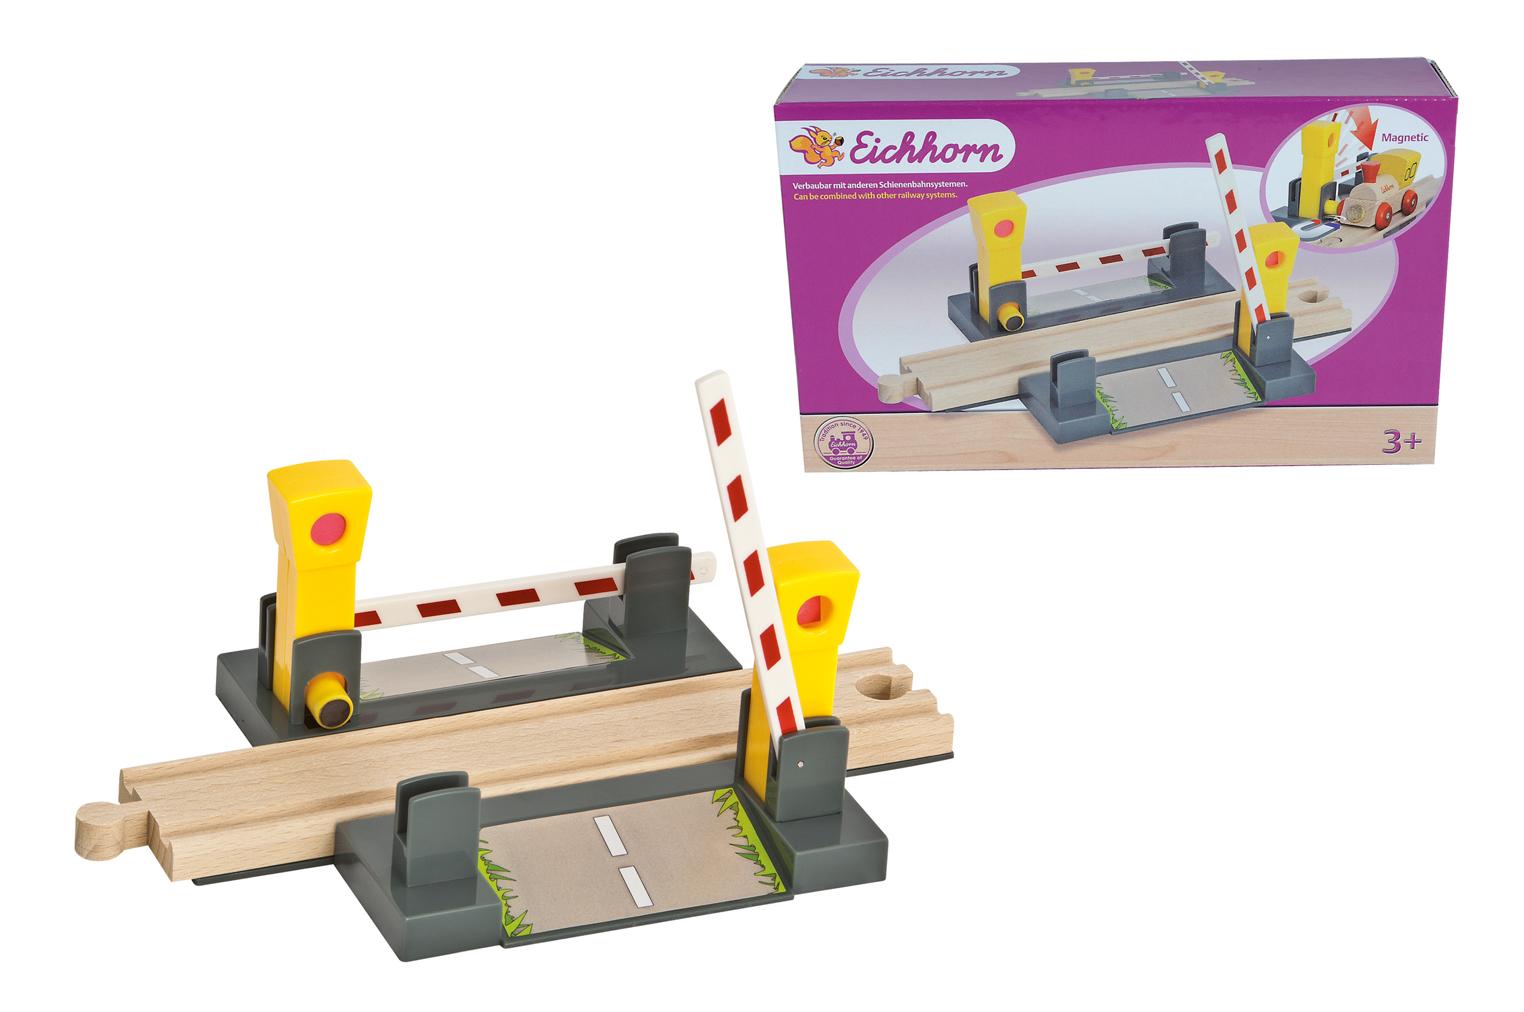 Железнодорожный переезд с магнитным шлагбаумомДетская железная дорога<br>Железнодорожный переезд с магнитным шлагбаумом<br>